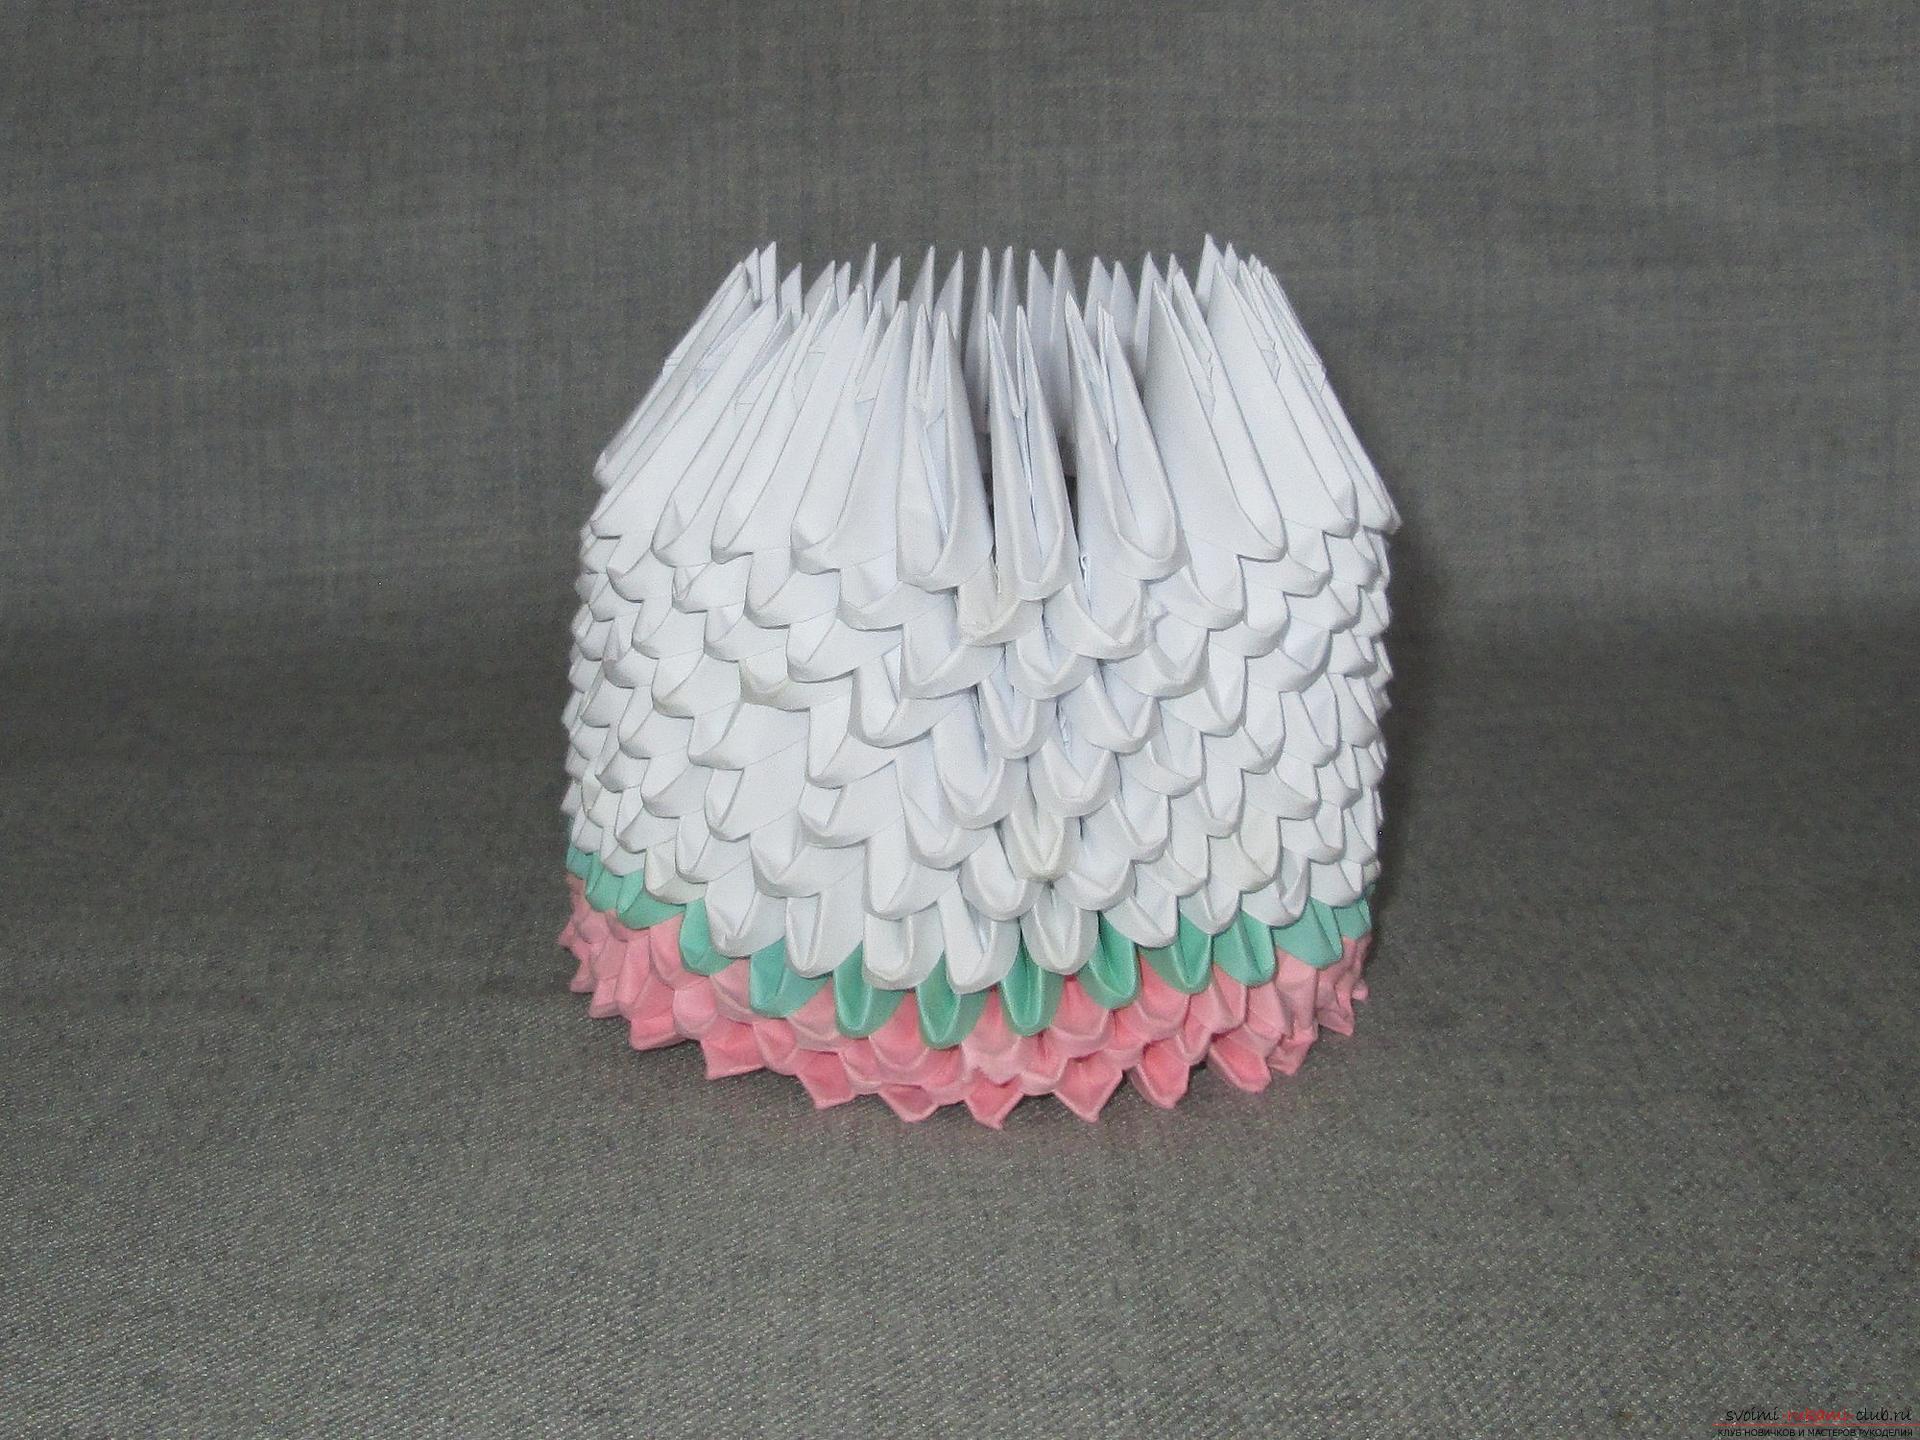 Наш мастер-класс покажет как сделать оригами из модулей, получится космическая ракета своими руками.. Фото №7